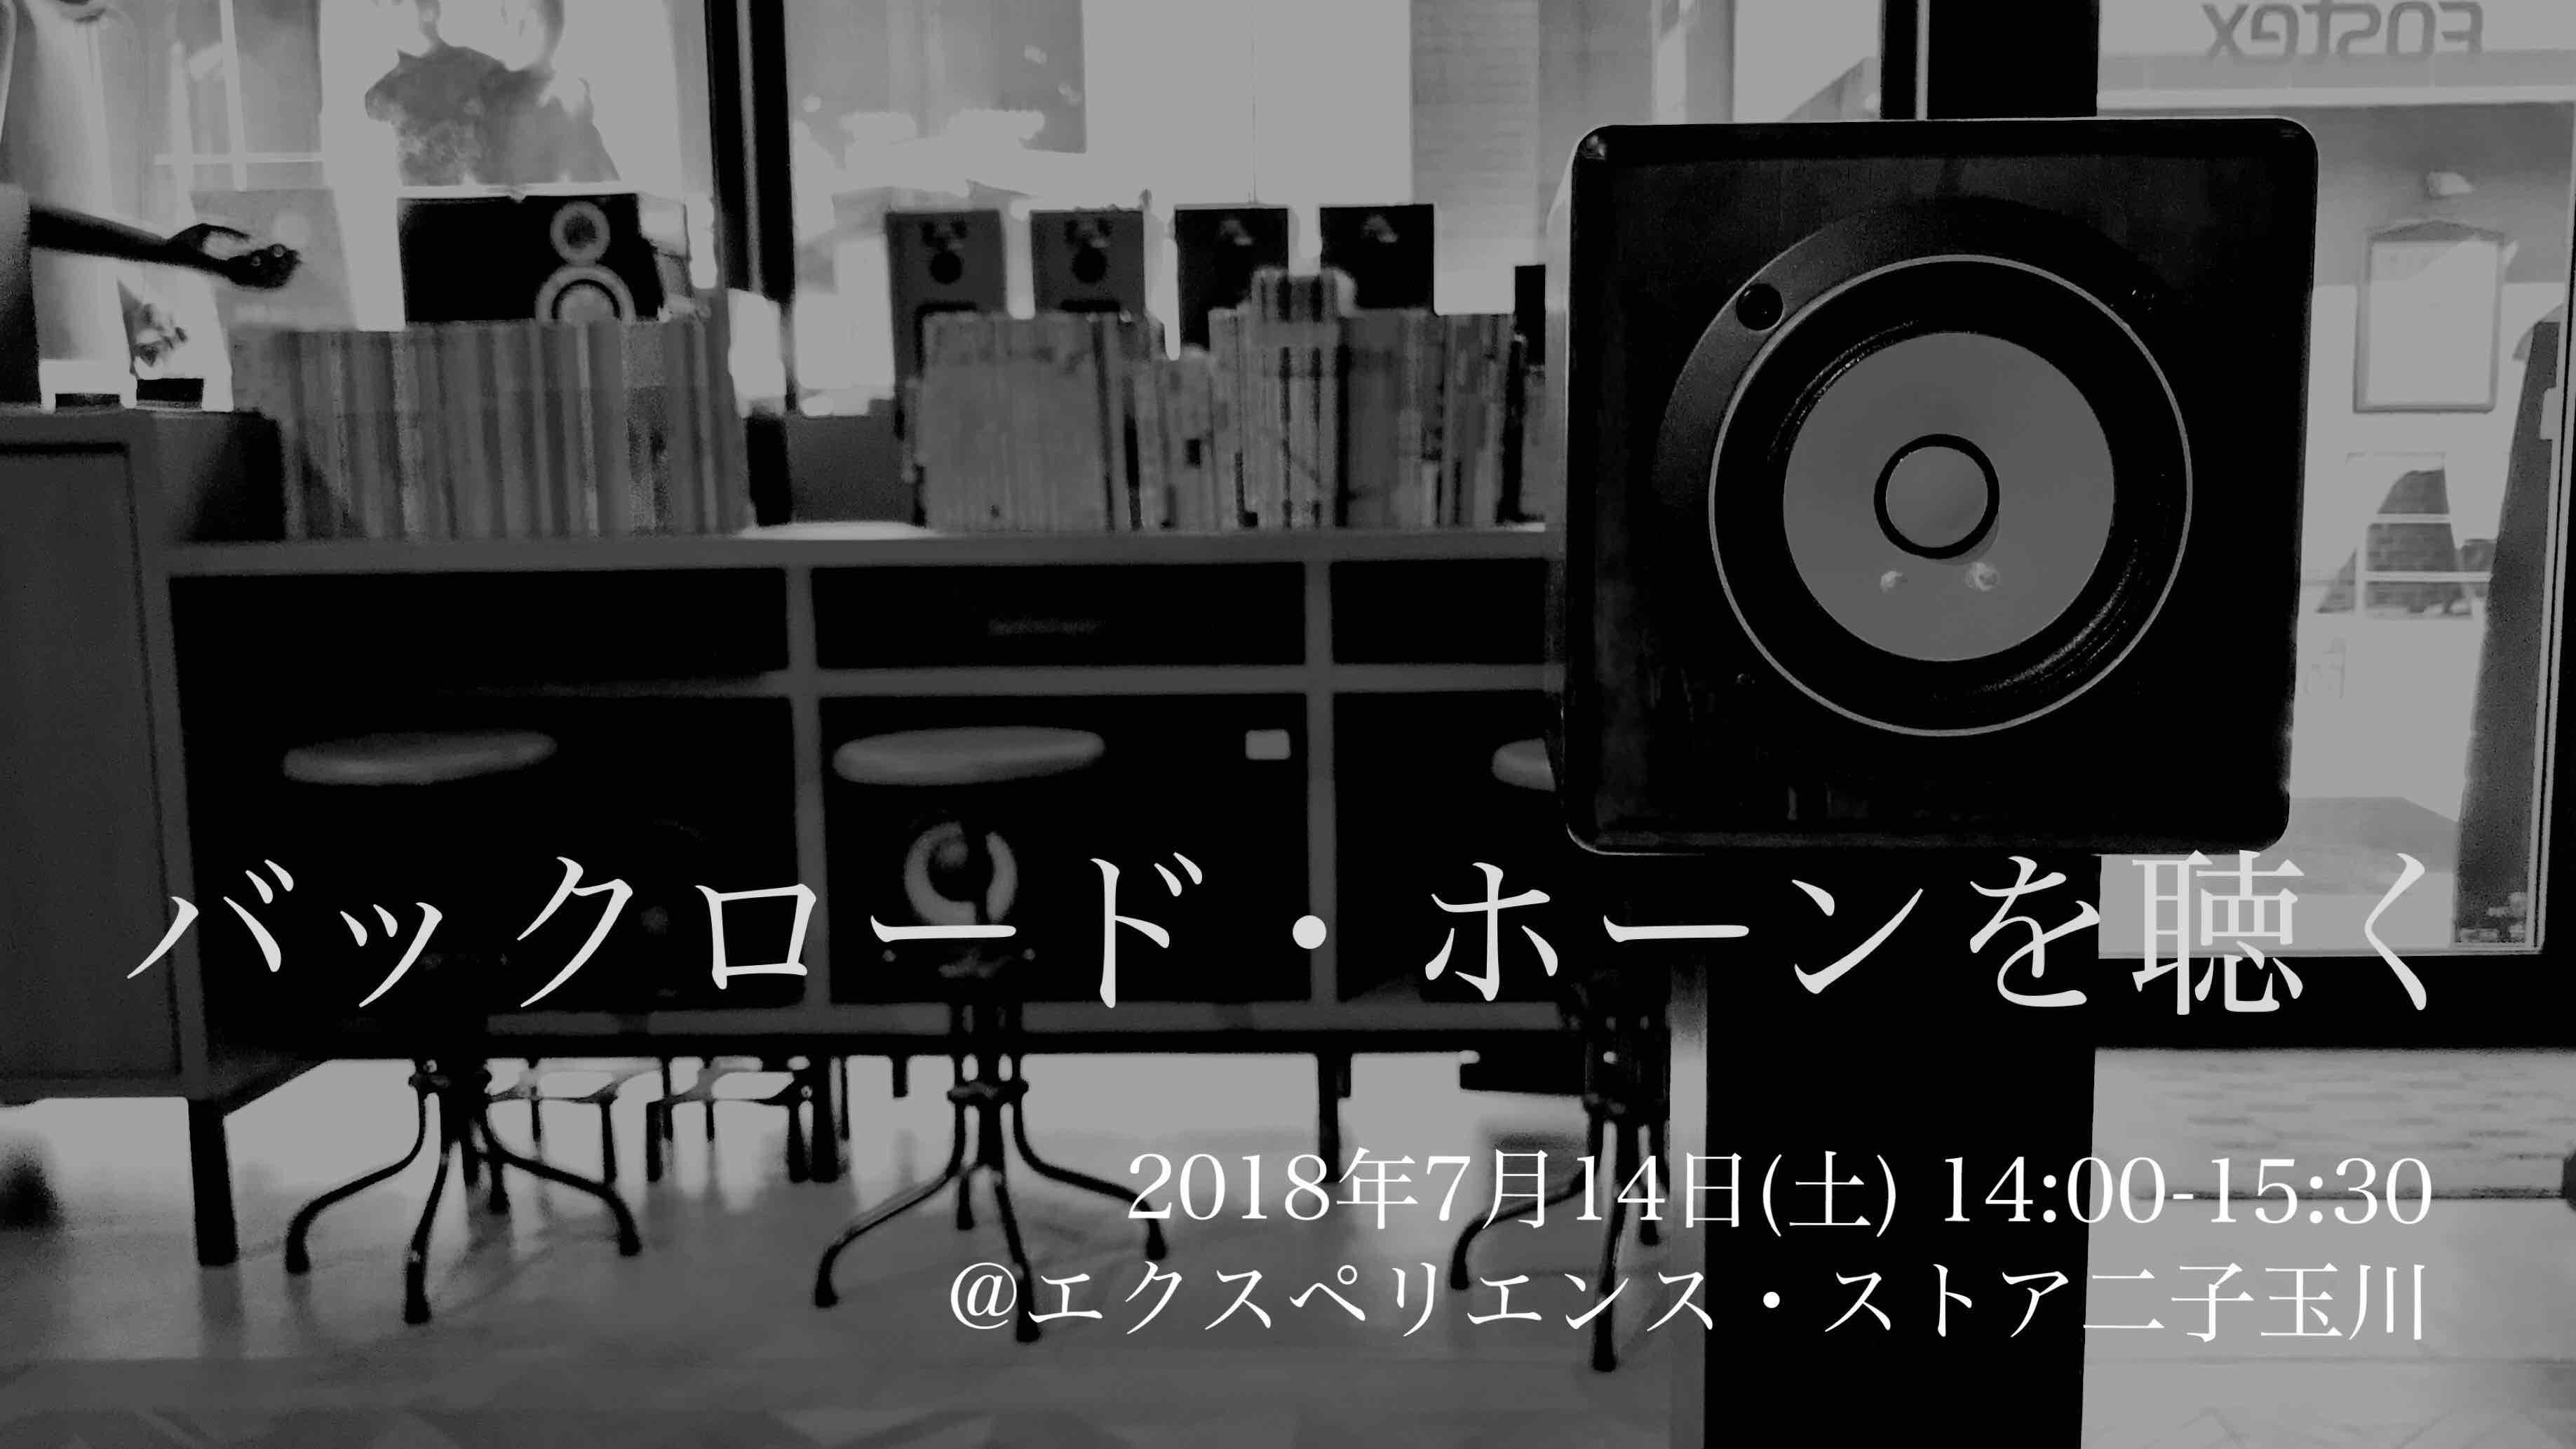 7月14日,15日 【バックロード・ホーンを聴く】開催のお知らせ